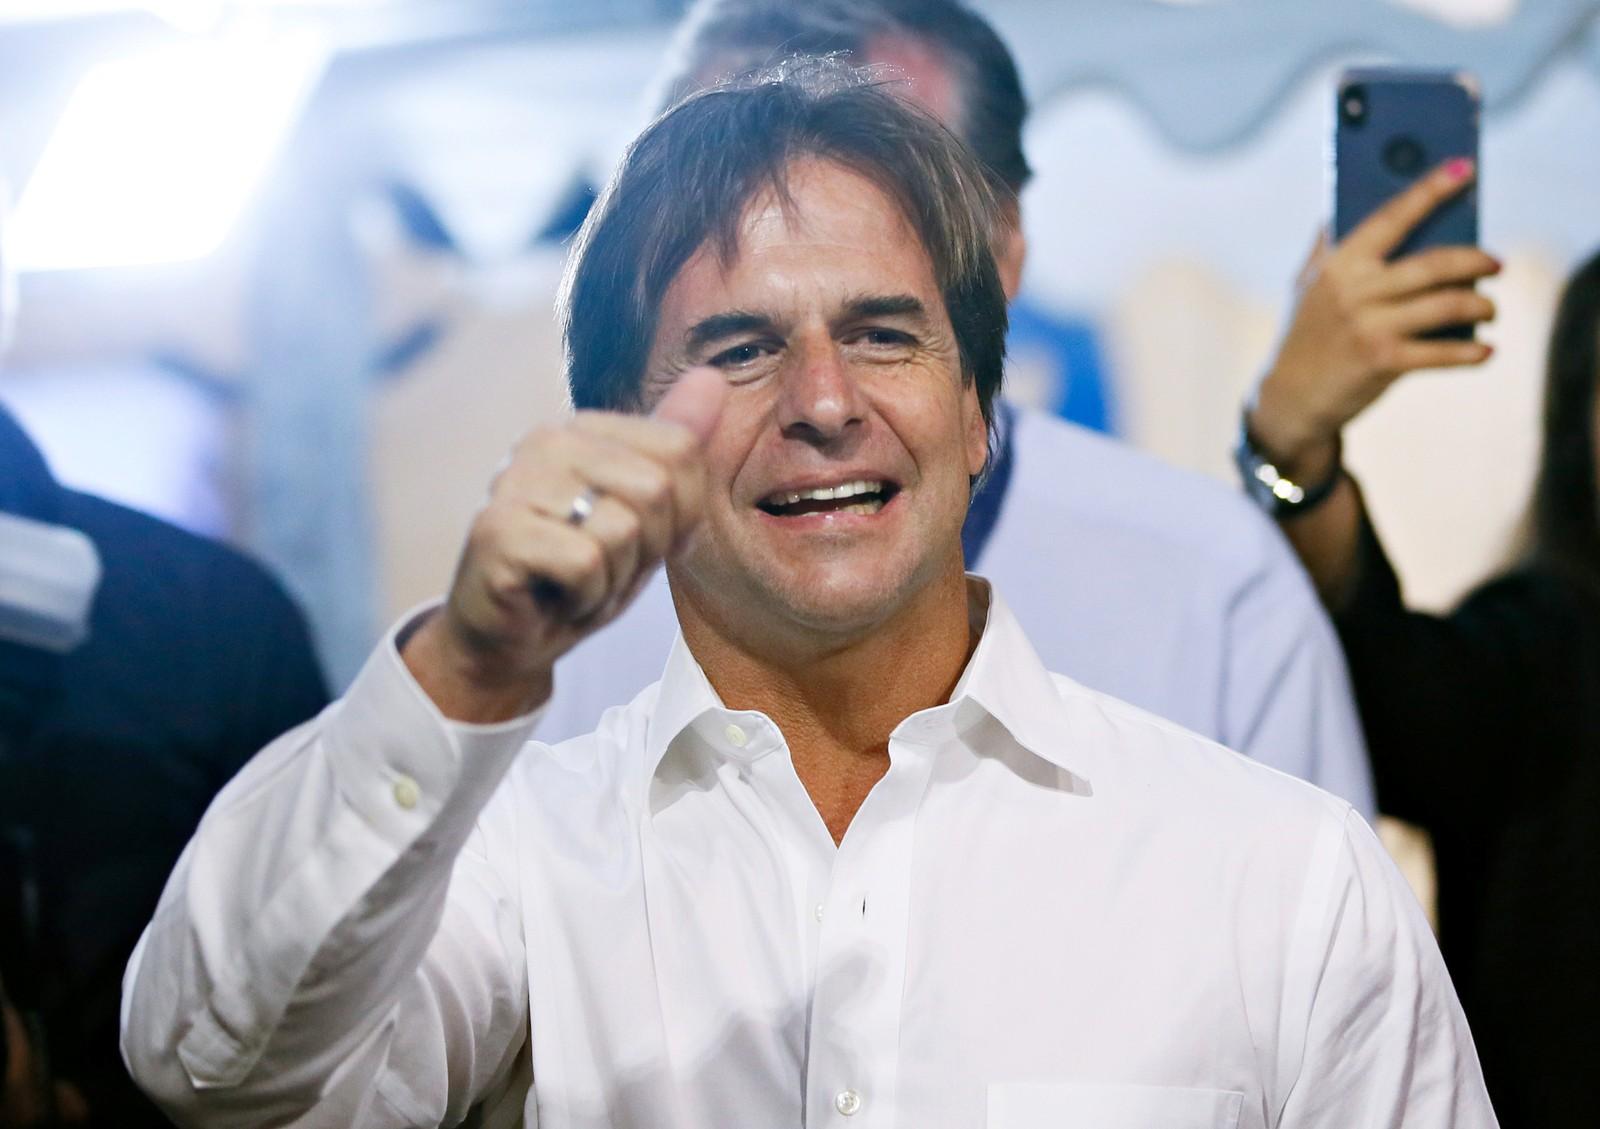 Representante da direita, Lacalle Pou é eleito novo presidente do Uruguai e tira grupo de Mujica do poder após 15 anos